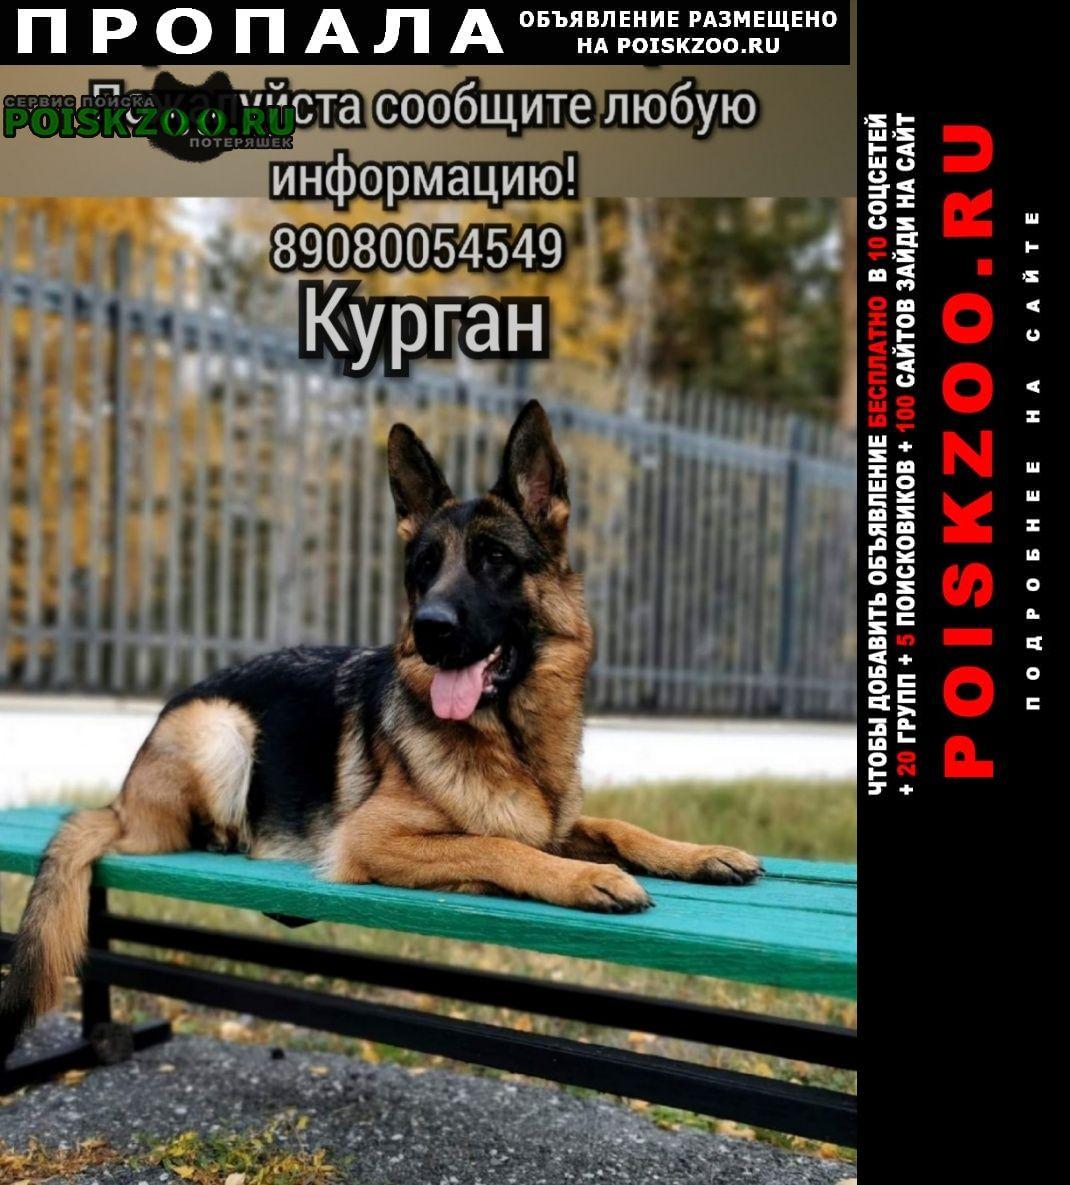 Пропала собака вознаграждение Курган